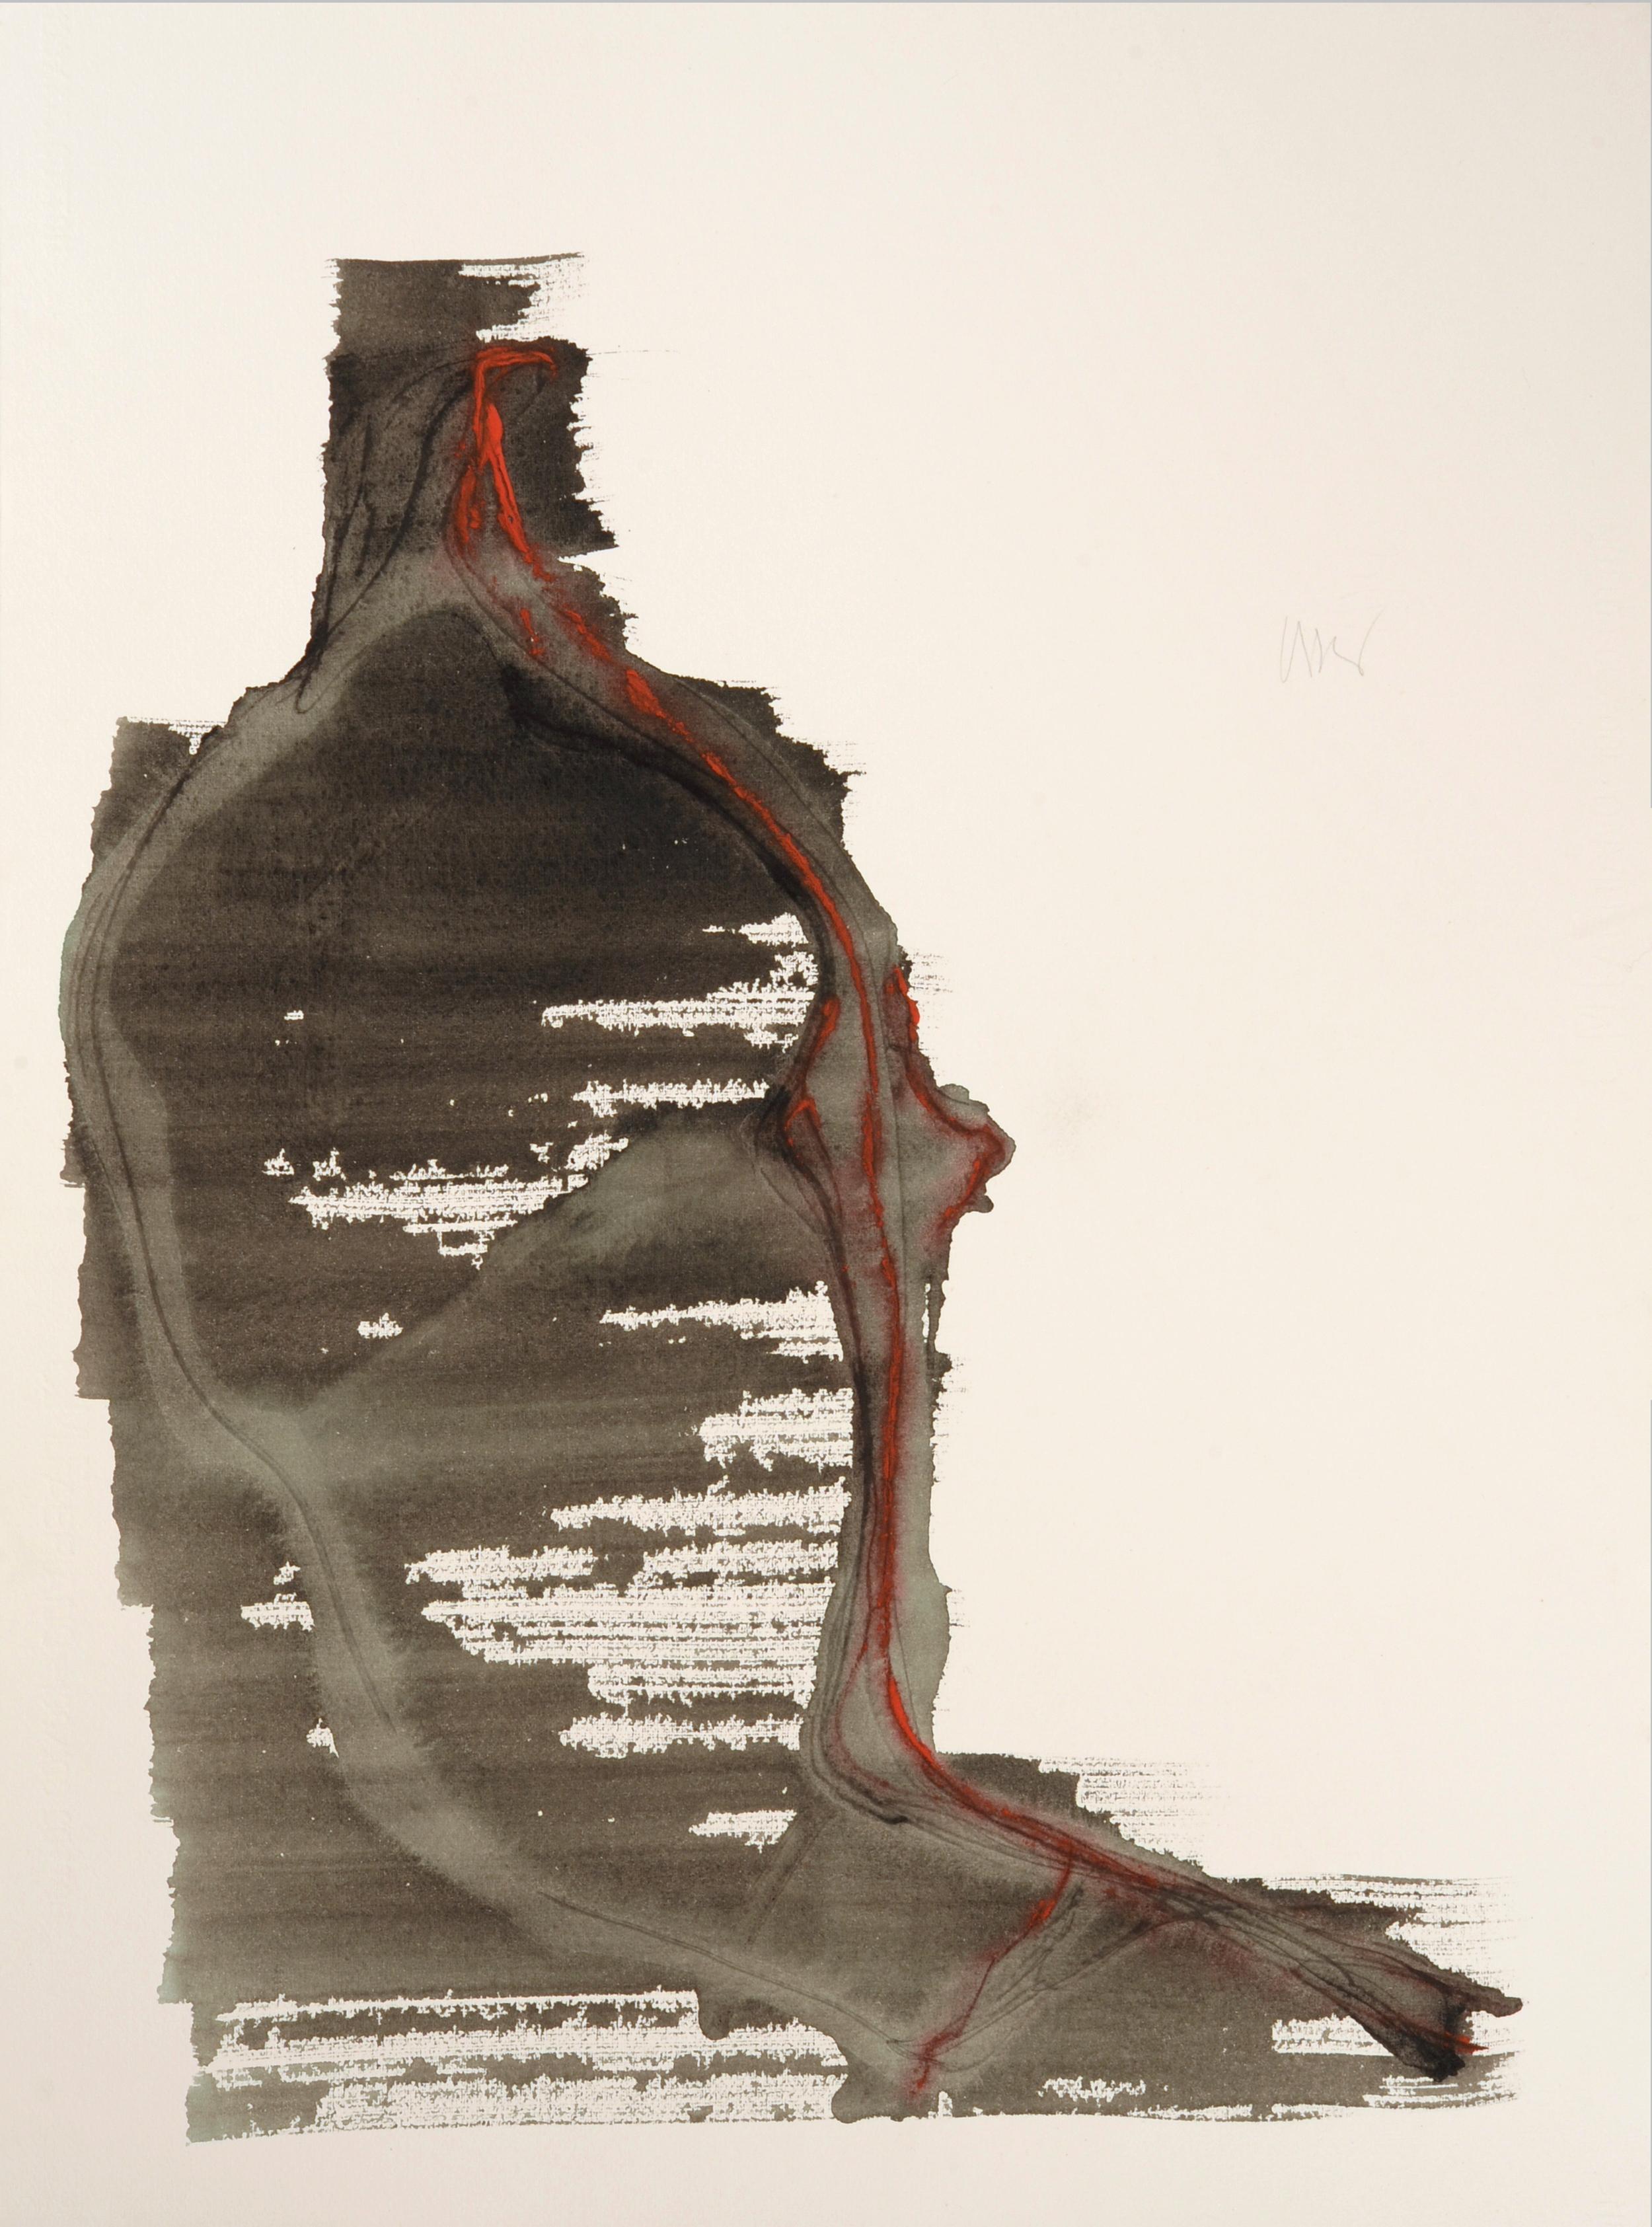 """senza titolo, dalla serie """"13 carte Fabriano"""", 1992, acrilico su carta Fabriano, cm 76 x 57  untitled, from the series """"13 carte Fabriano"""", 1992, acrylic on Fabriano paper, cm 76 x 57"""